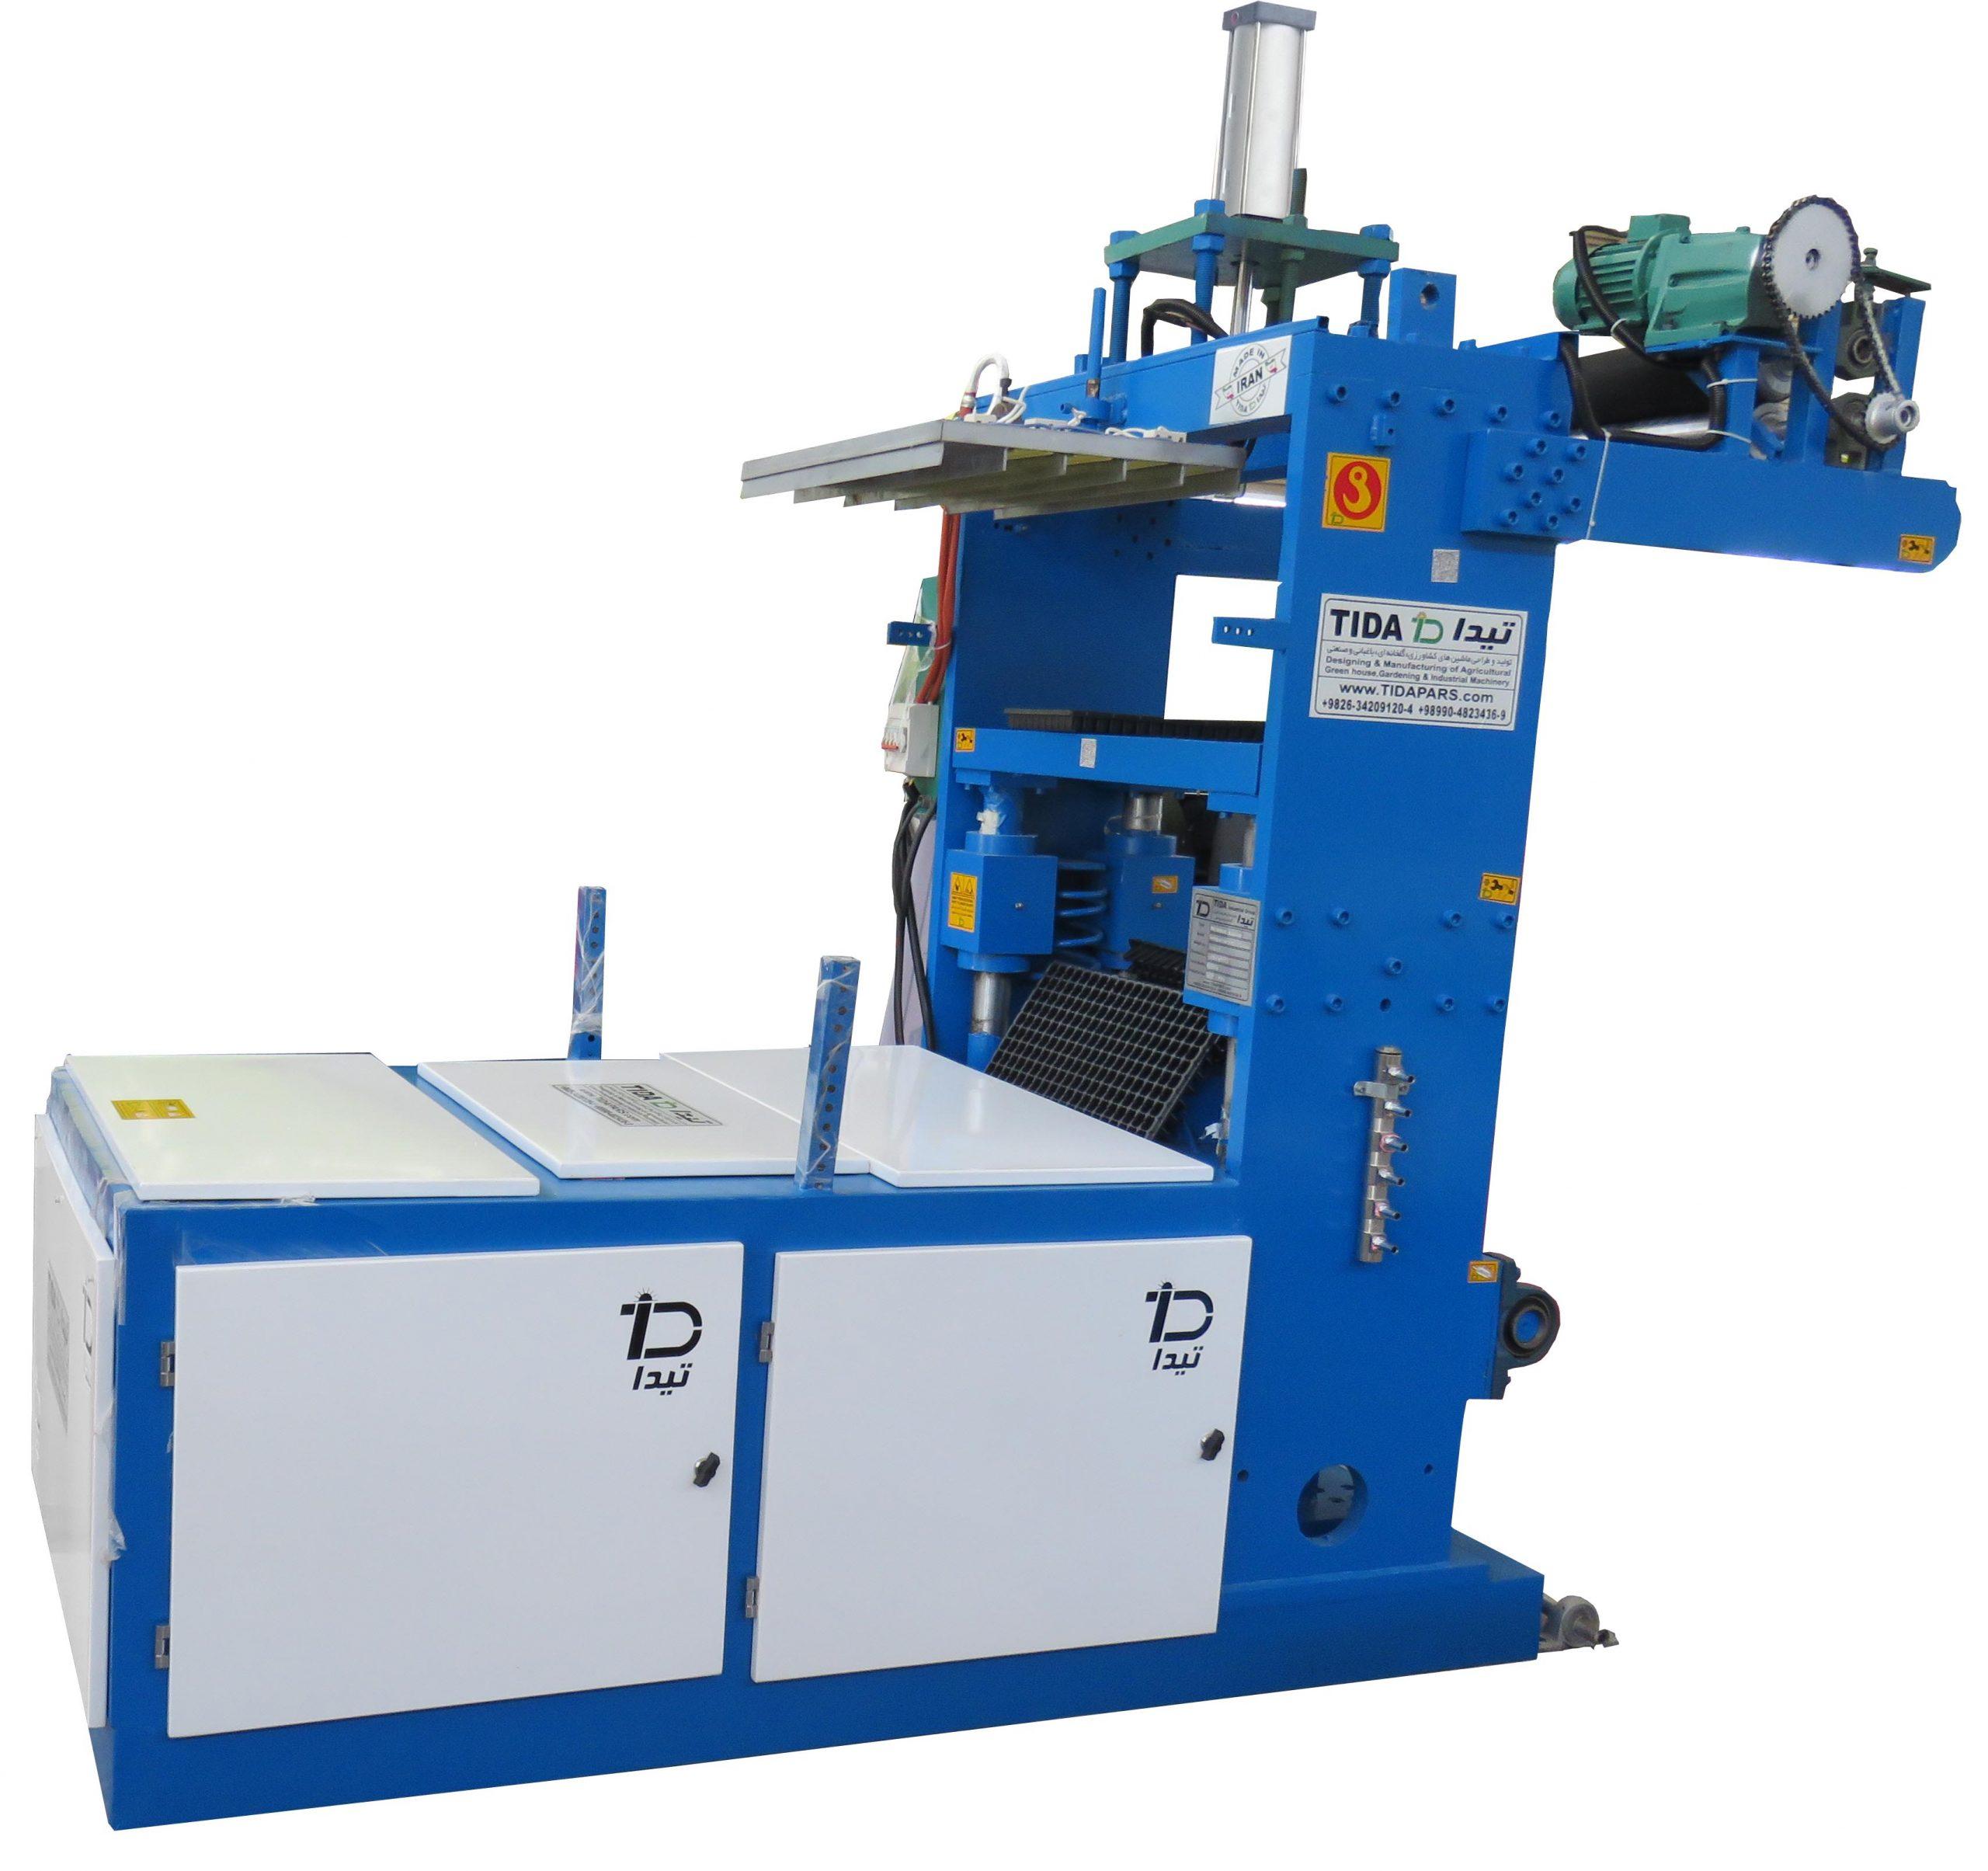 آلة تصنيع صينية تستخدم مادة البوليسترين لإنتاج الصواني